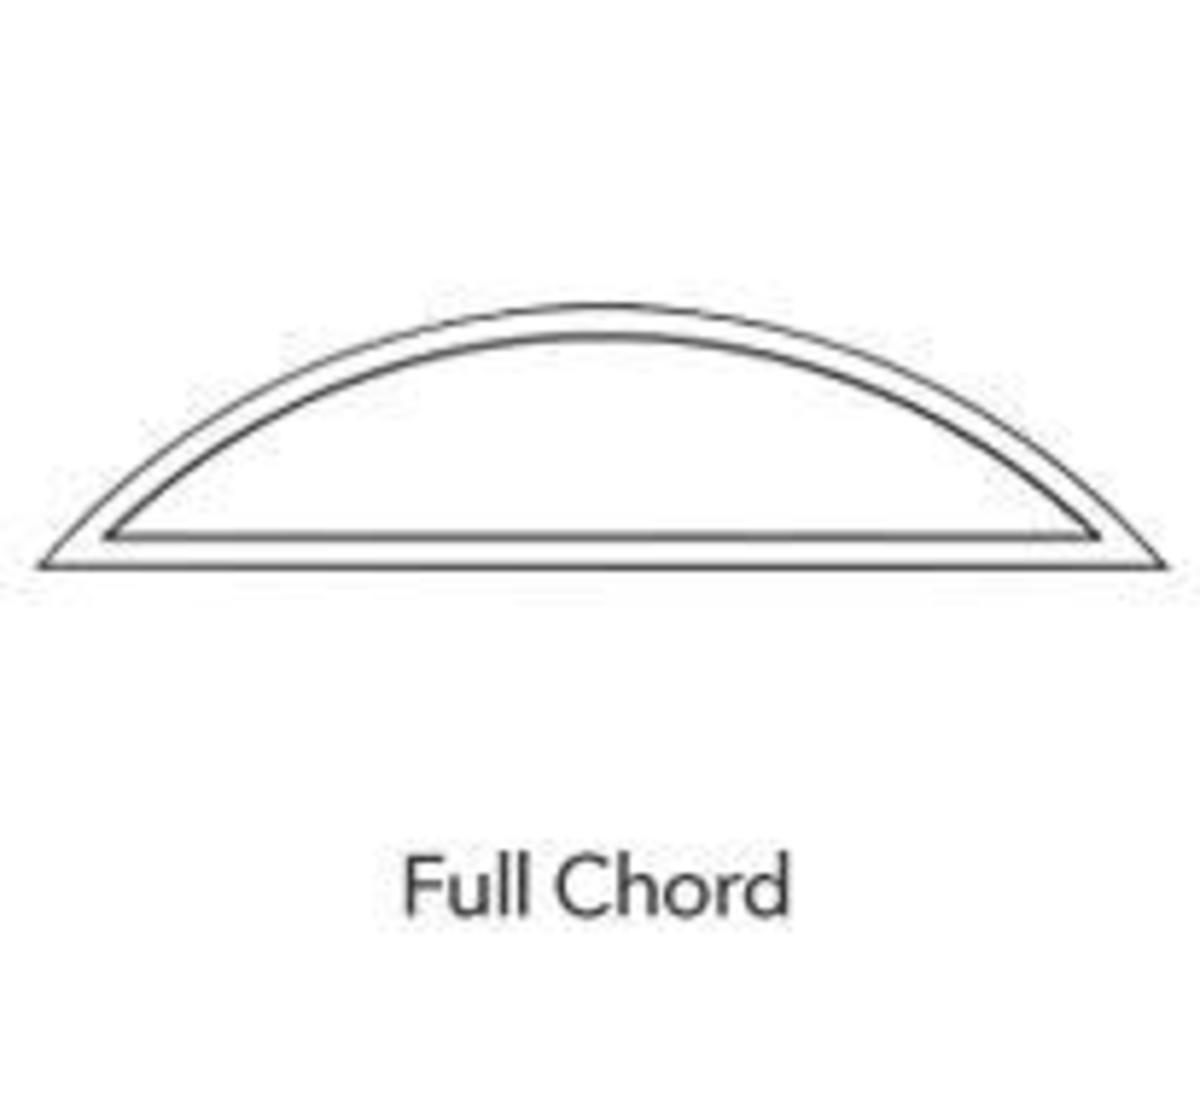 Full chord - eyebrow window by Pella